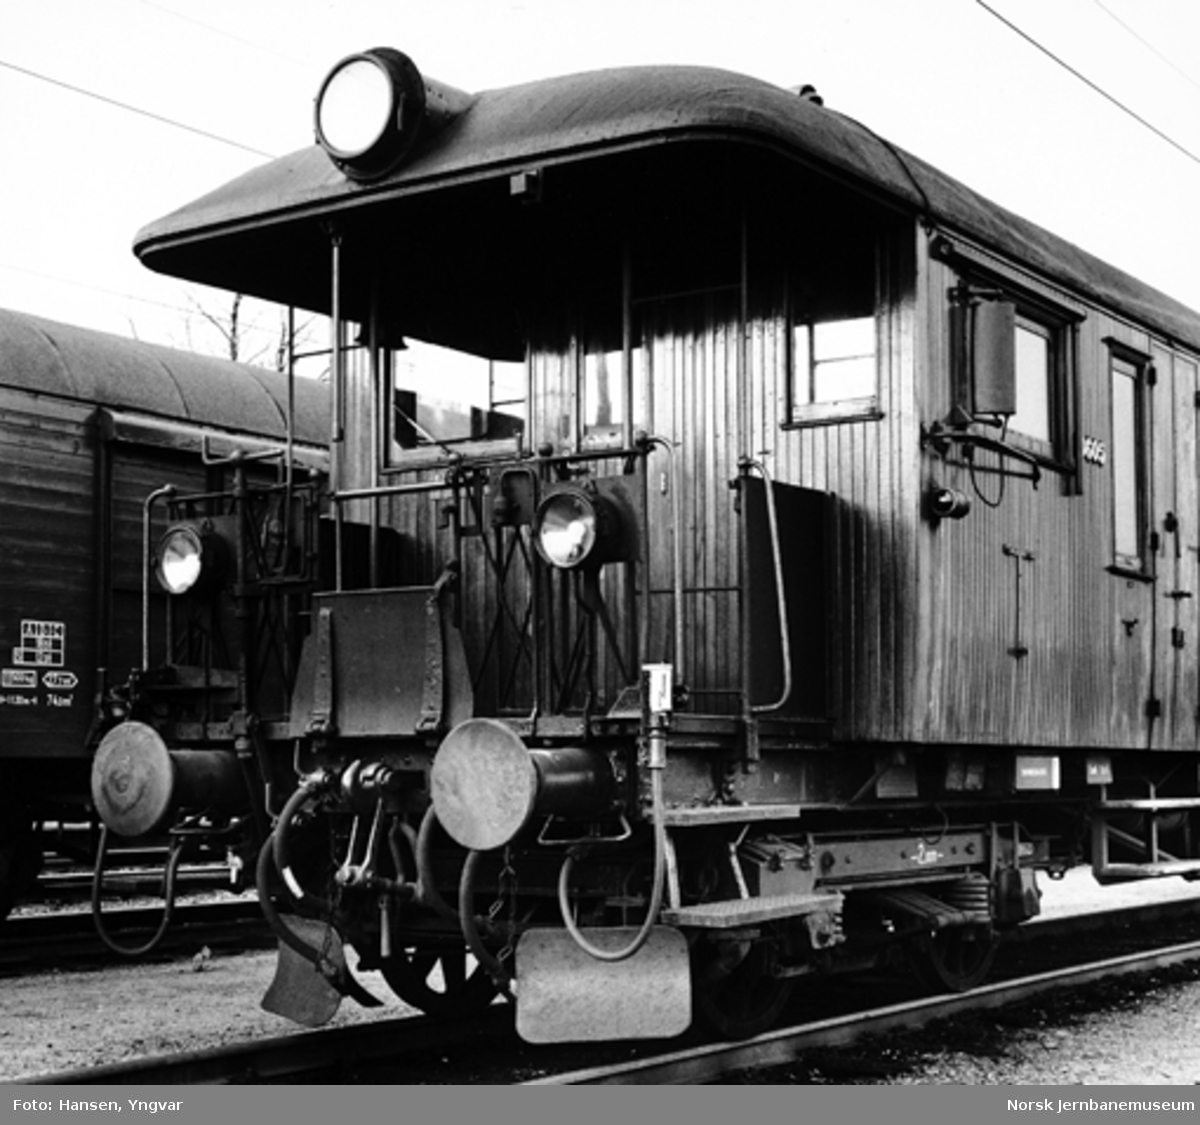 Styrevogn for elektrisk motorvogn, litra BFS 65 nr. 18605